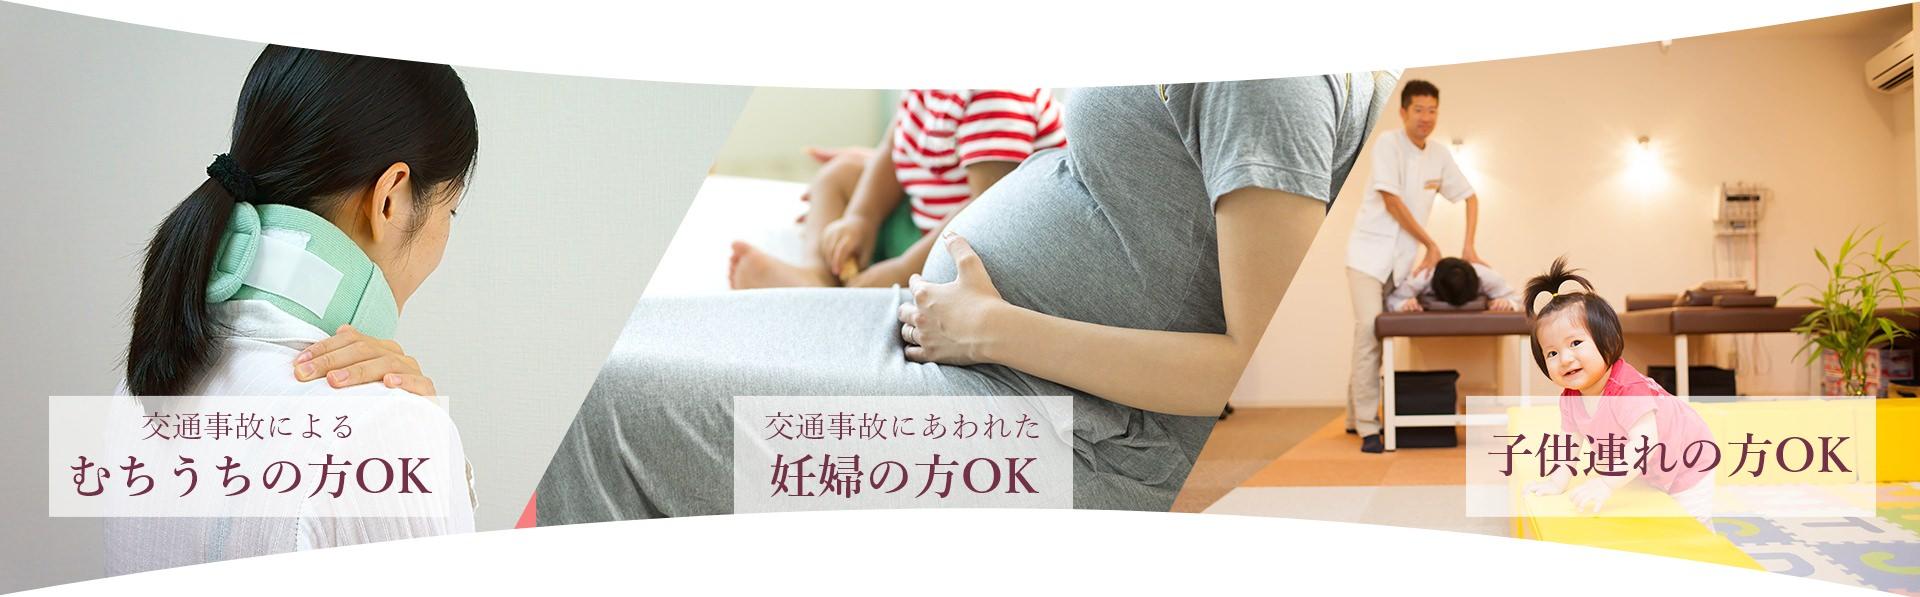 交通事故によるむちうちの方OK 妊婦の方OK 子連れの方Ok